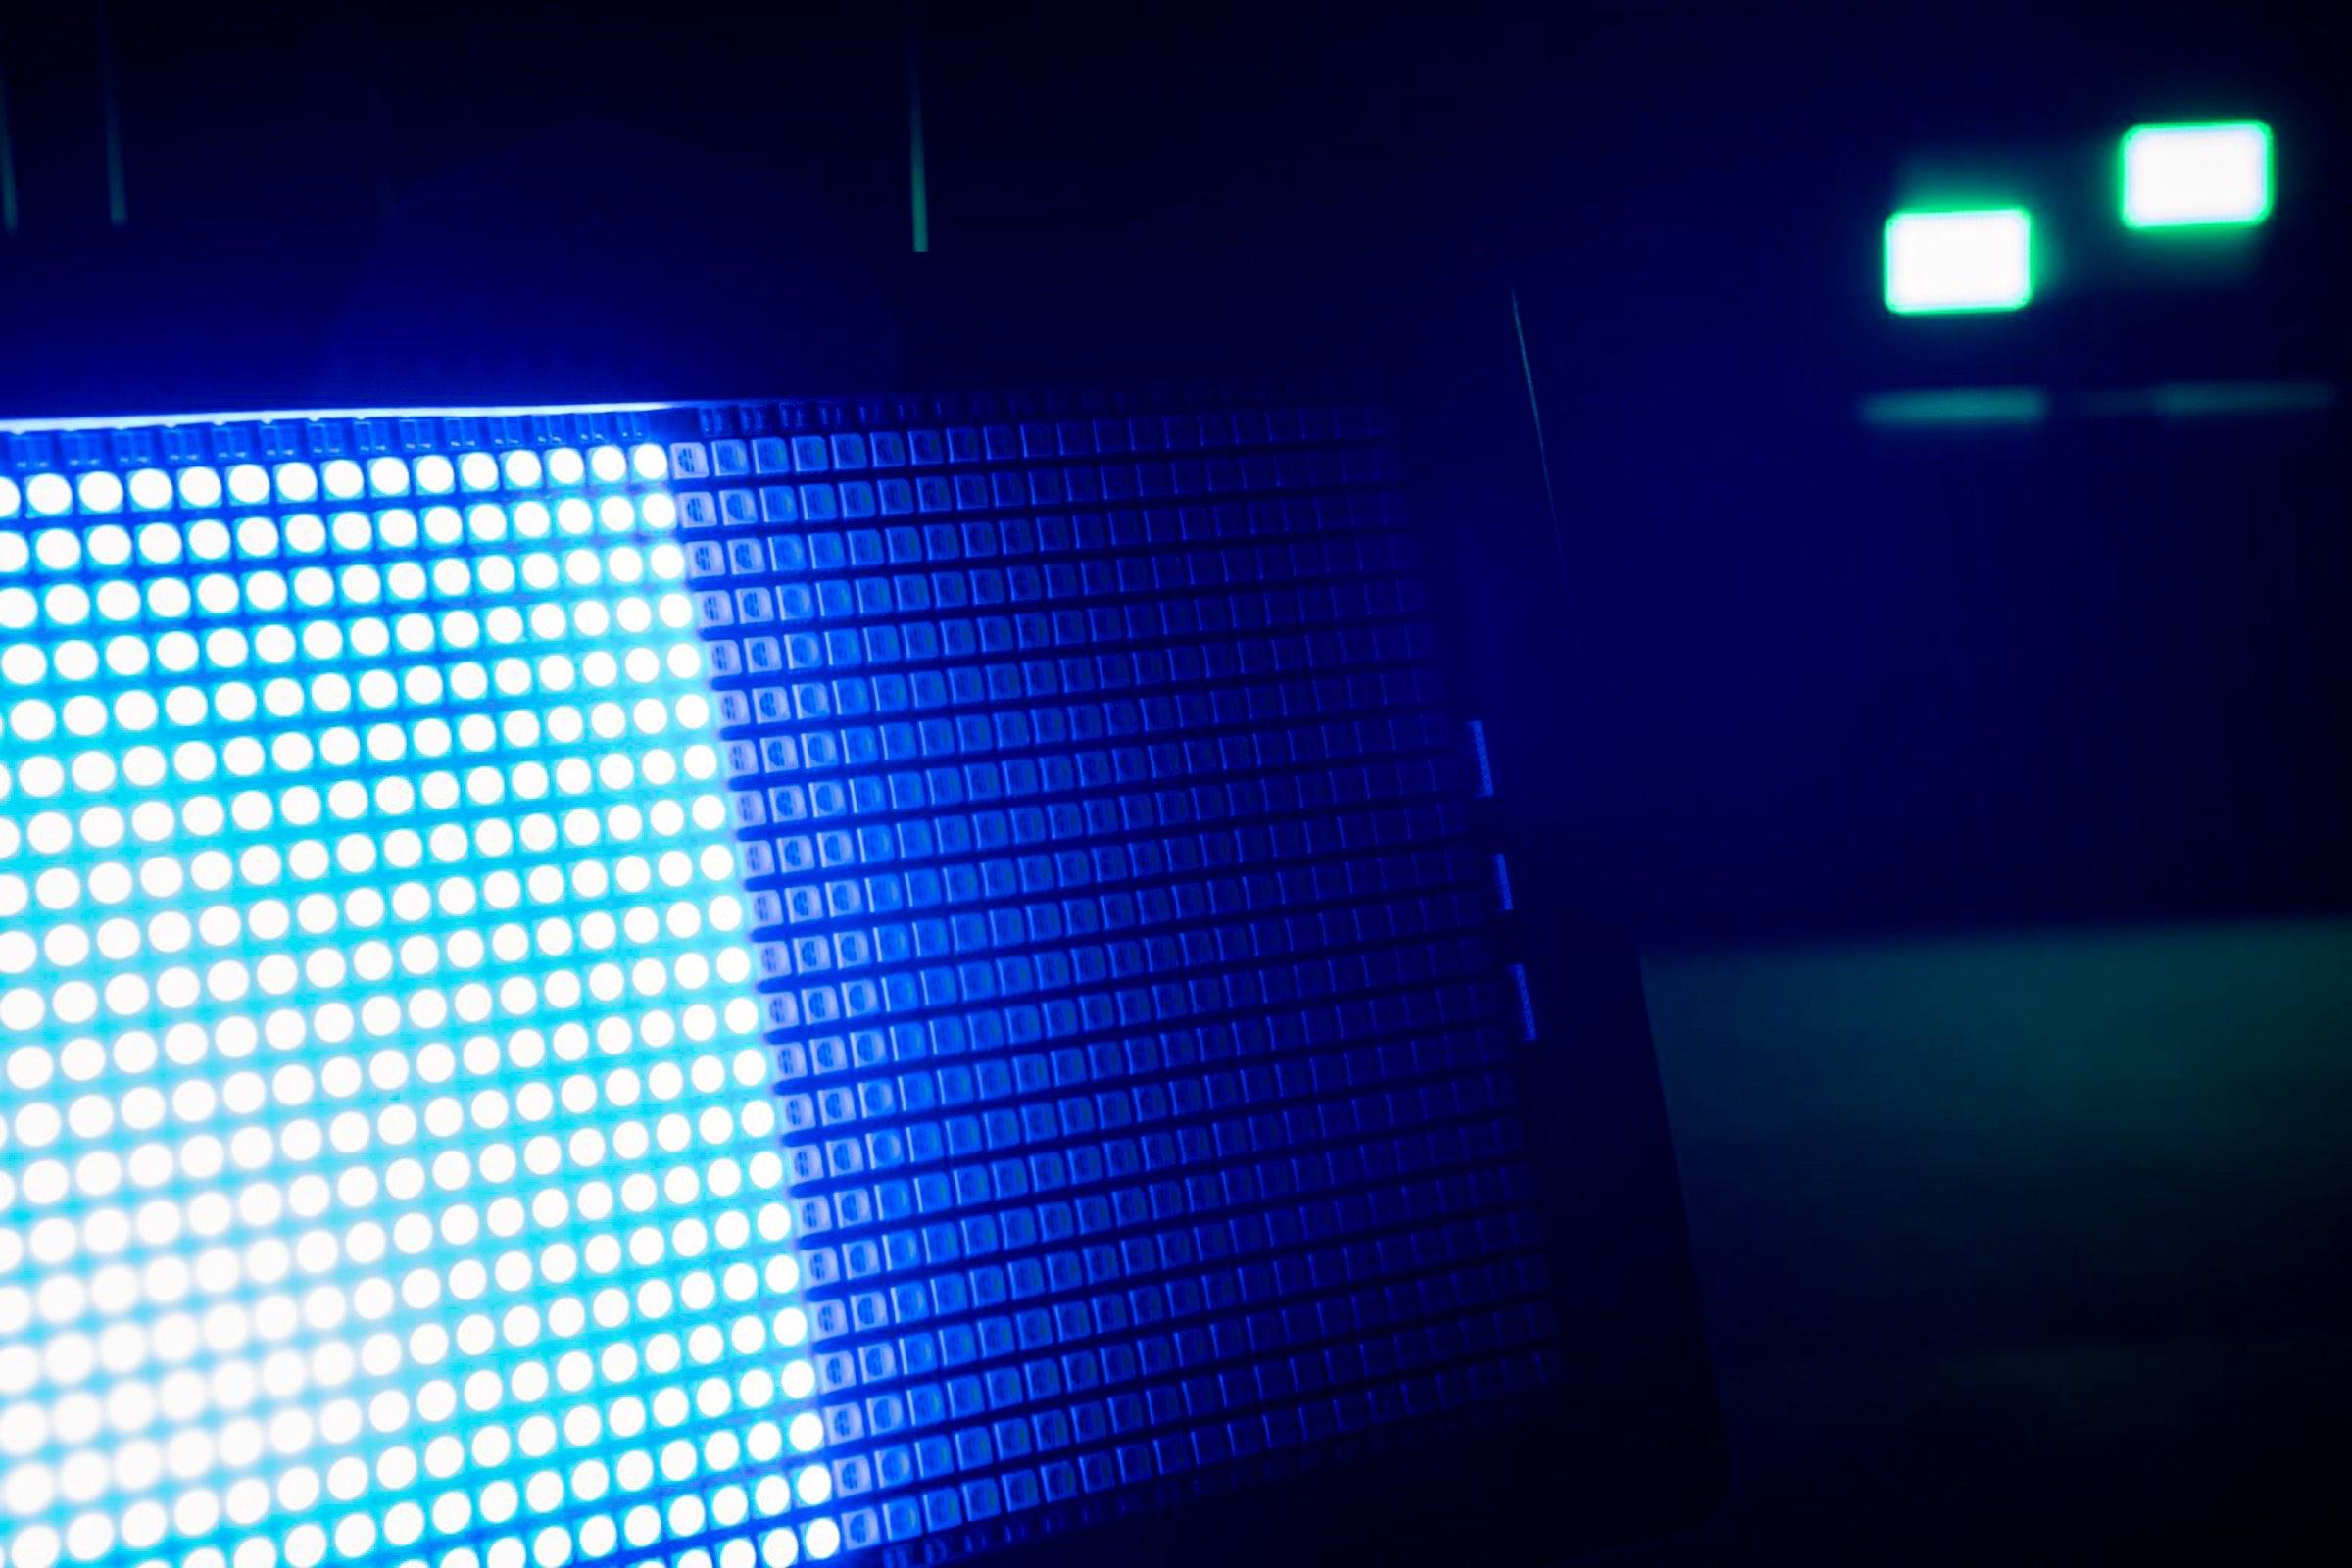 lichttechnik | Outdoor | Hannover | Fassadenbeleuchtung | Veranstaltungstechnik | Firmenfeier | Gala | Show | Akku | LED | Outdoor | Spots | Scheinwerfer | Mieten | Buchen | Lehmann | Eventservice